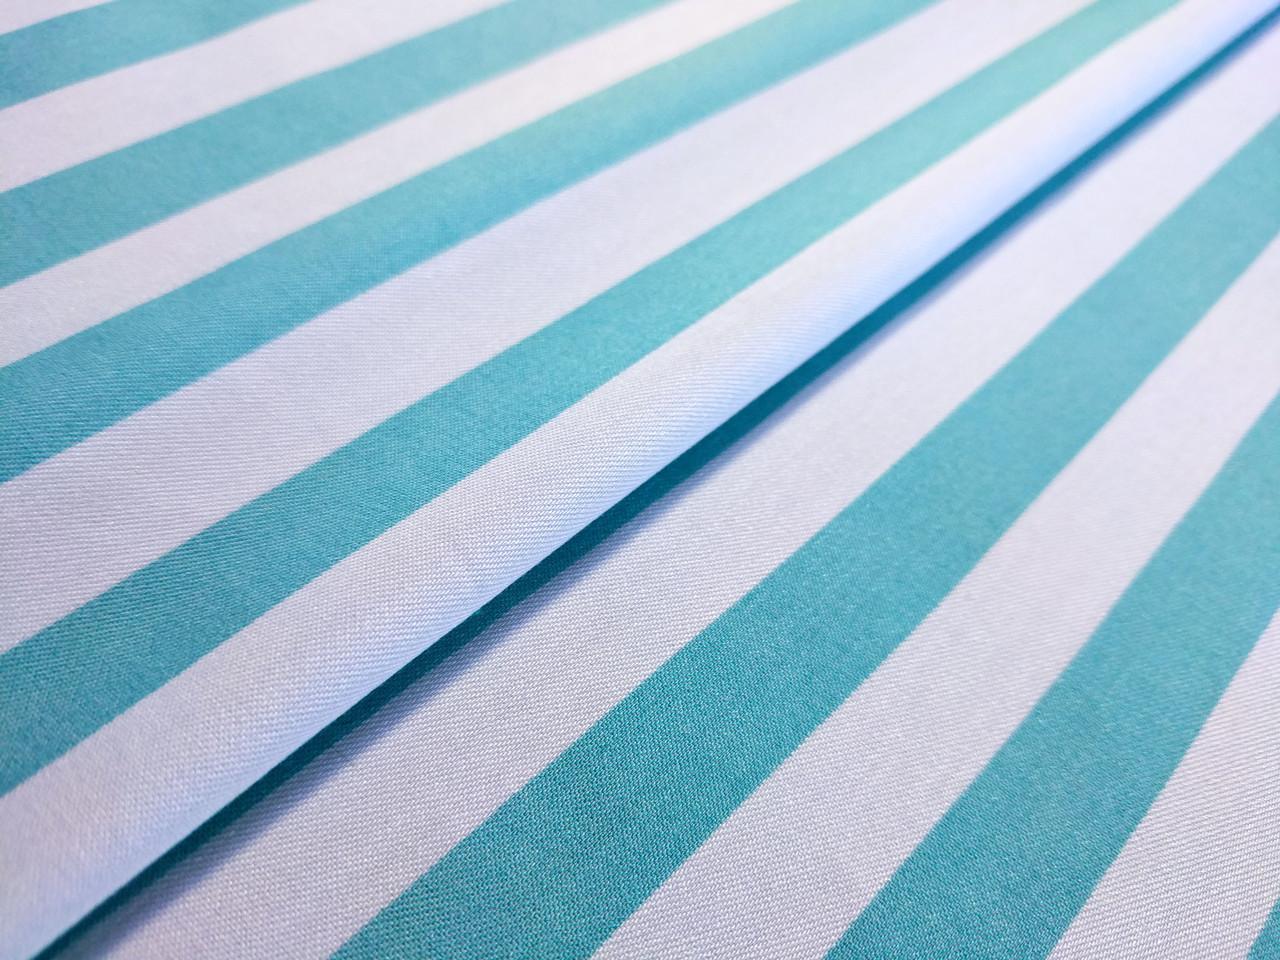 Джинс рубашечный полоска 12 мм, ментол на белом